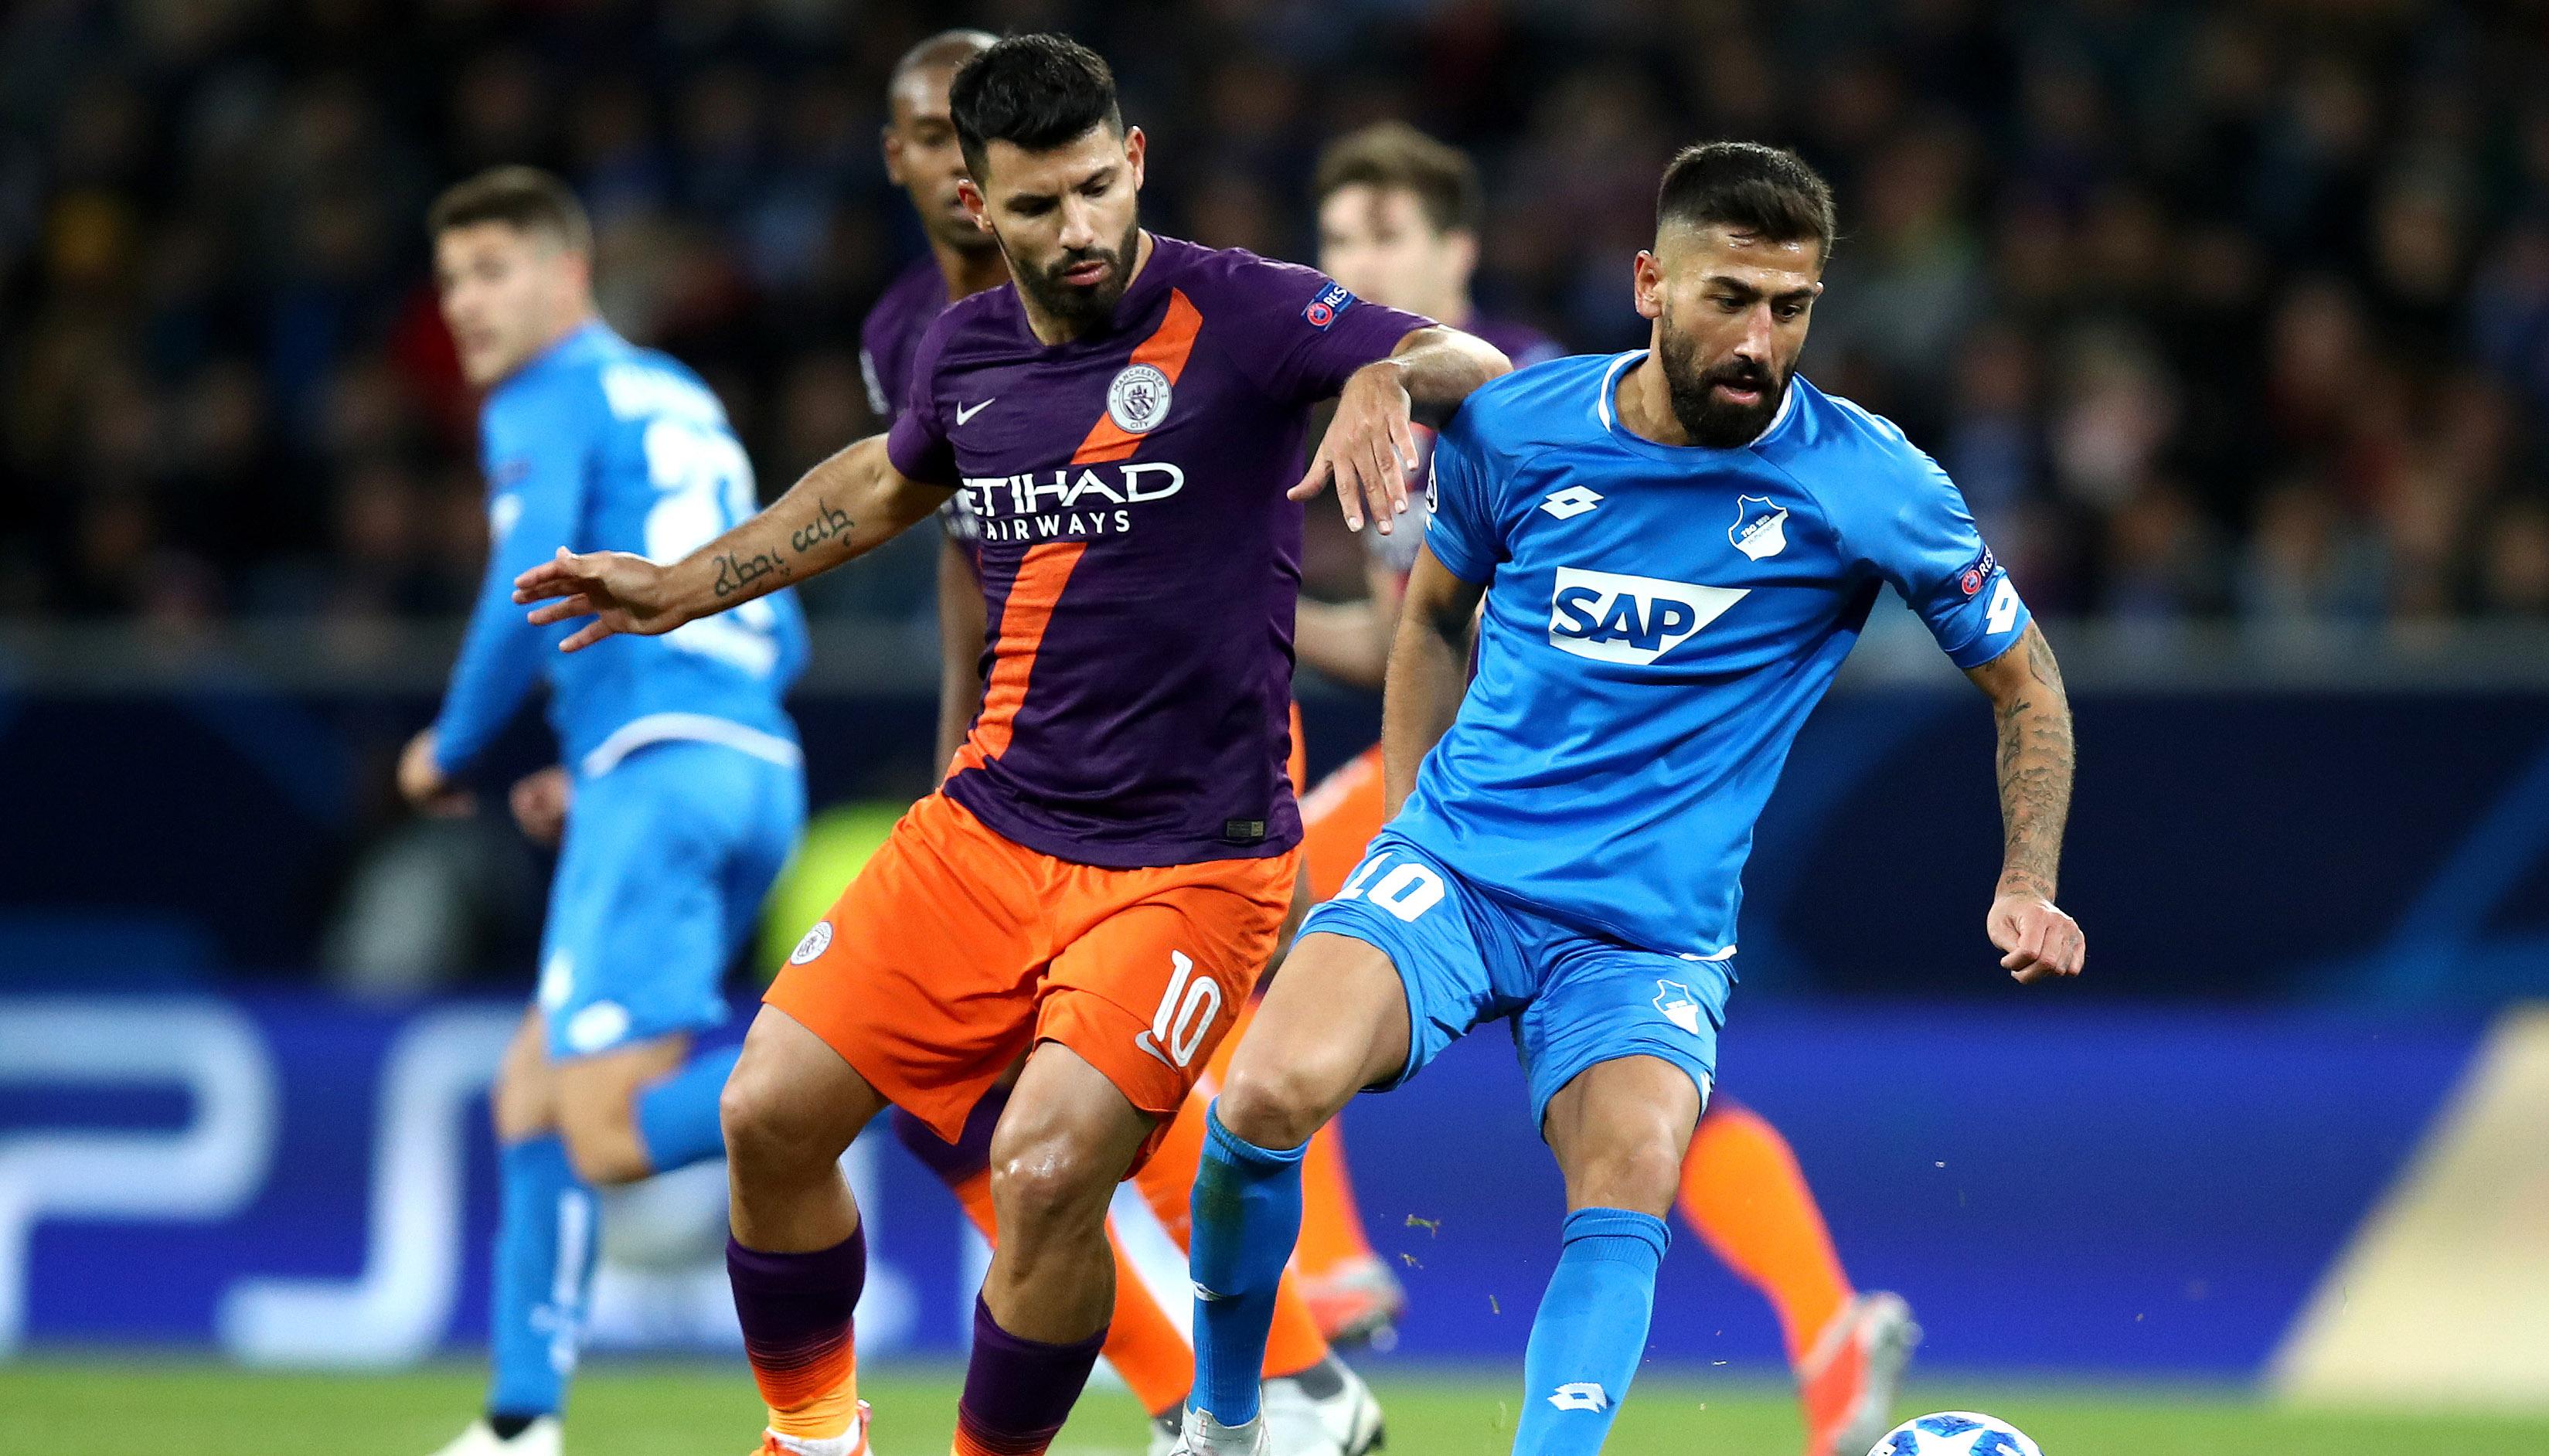 Manchester City – TSG Hoffenheim: Die schwerste aller Aufgaben